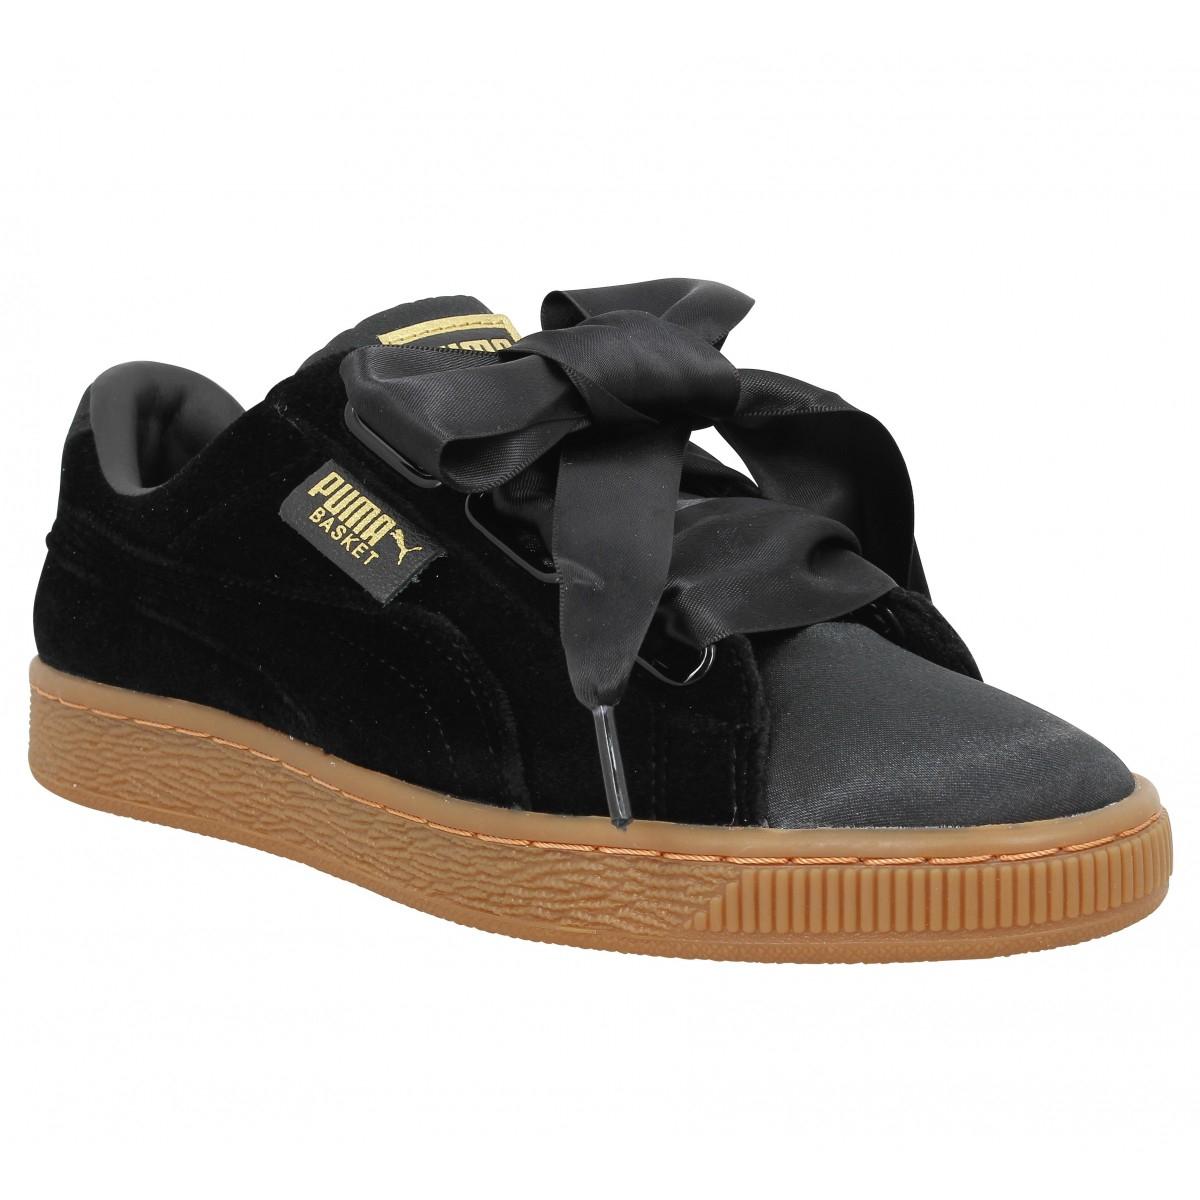 Baskets Puma Suede Heart à 19,99€ - Noir ou Kaki - Tailles du 36 au 41